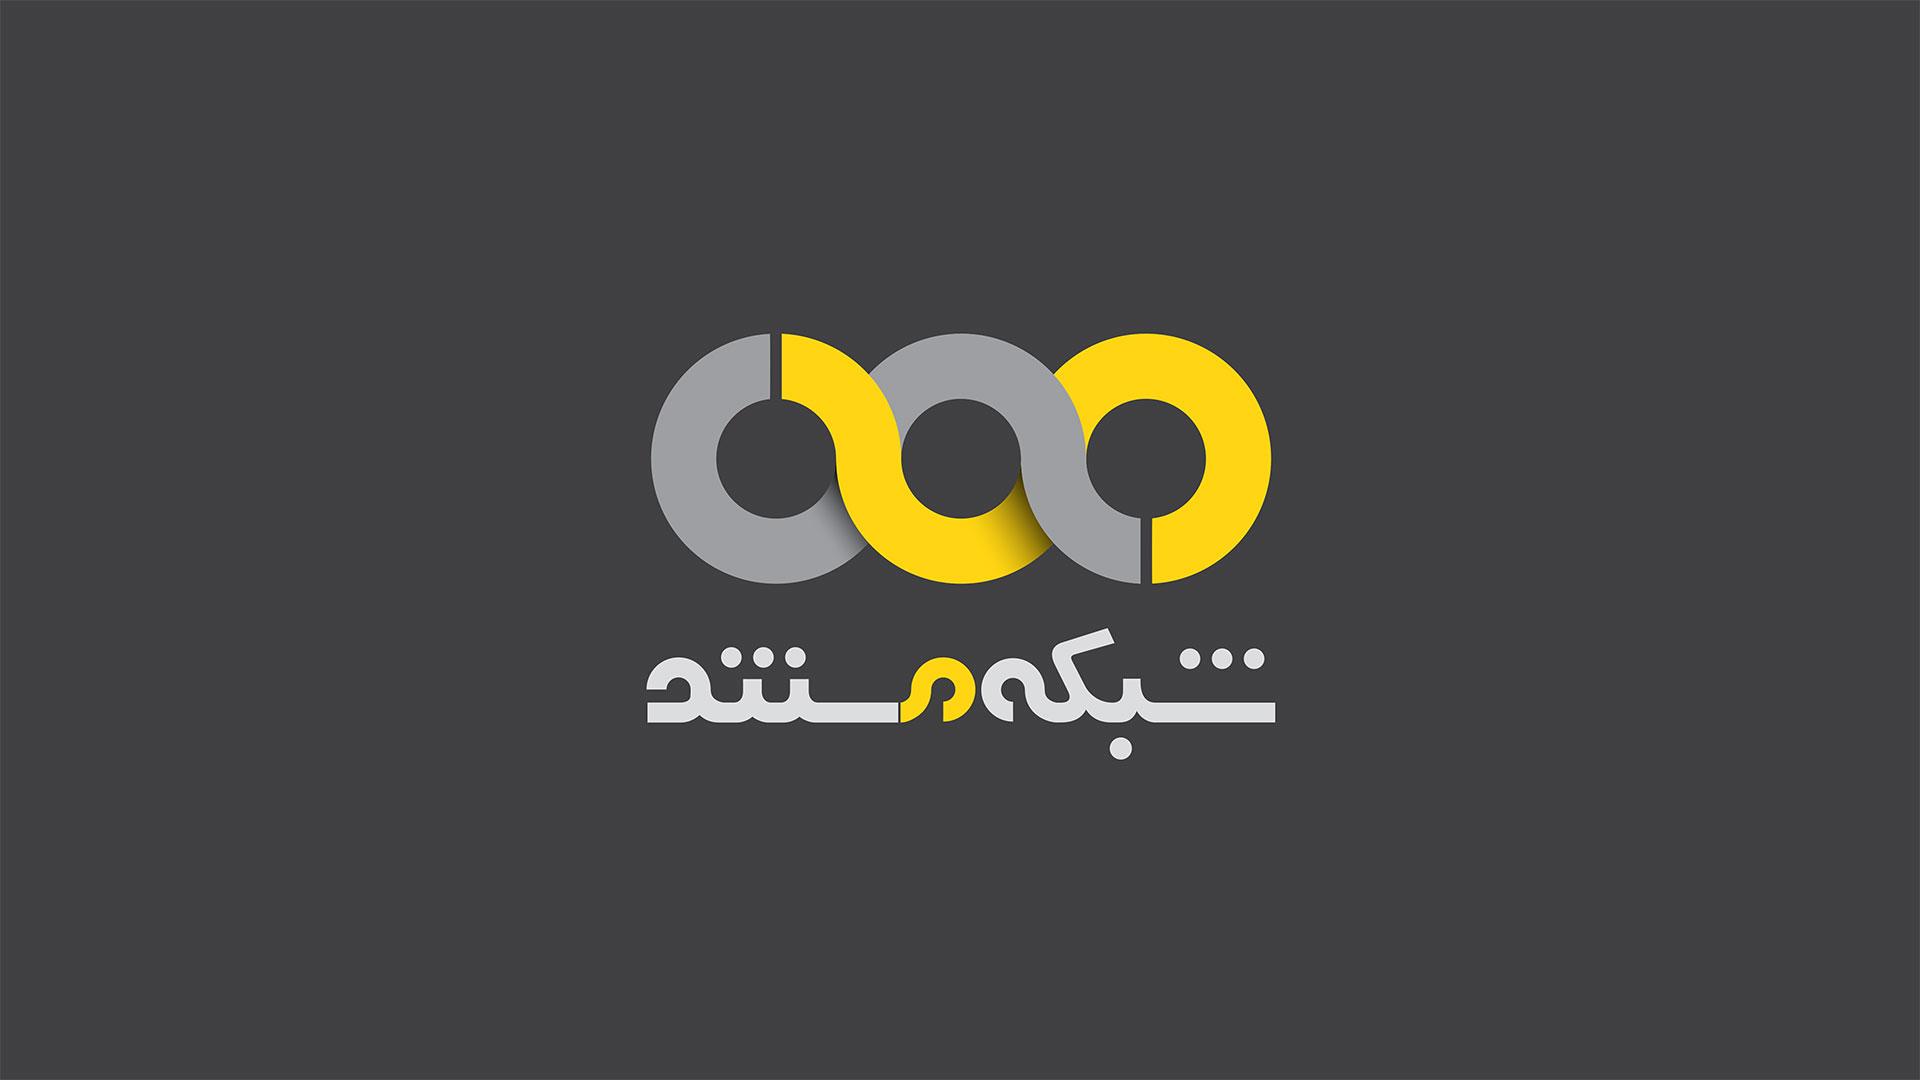 تدارک شبکه مستند در سالروز آزادسازی خرمشهر